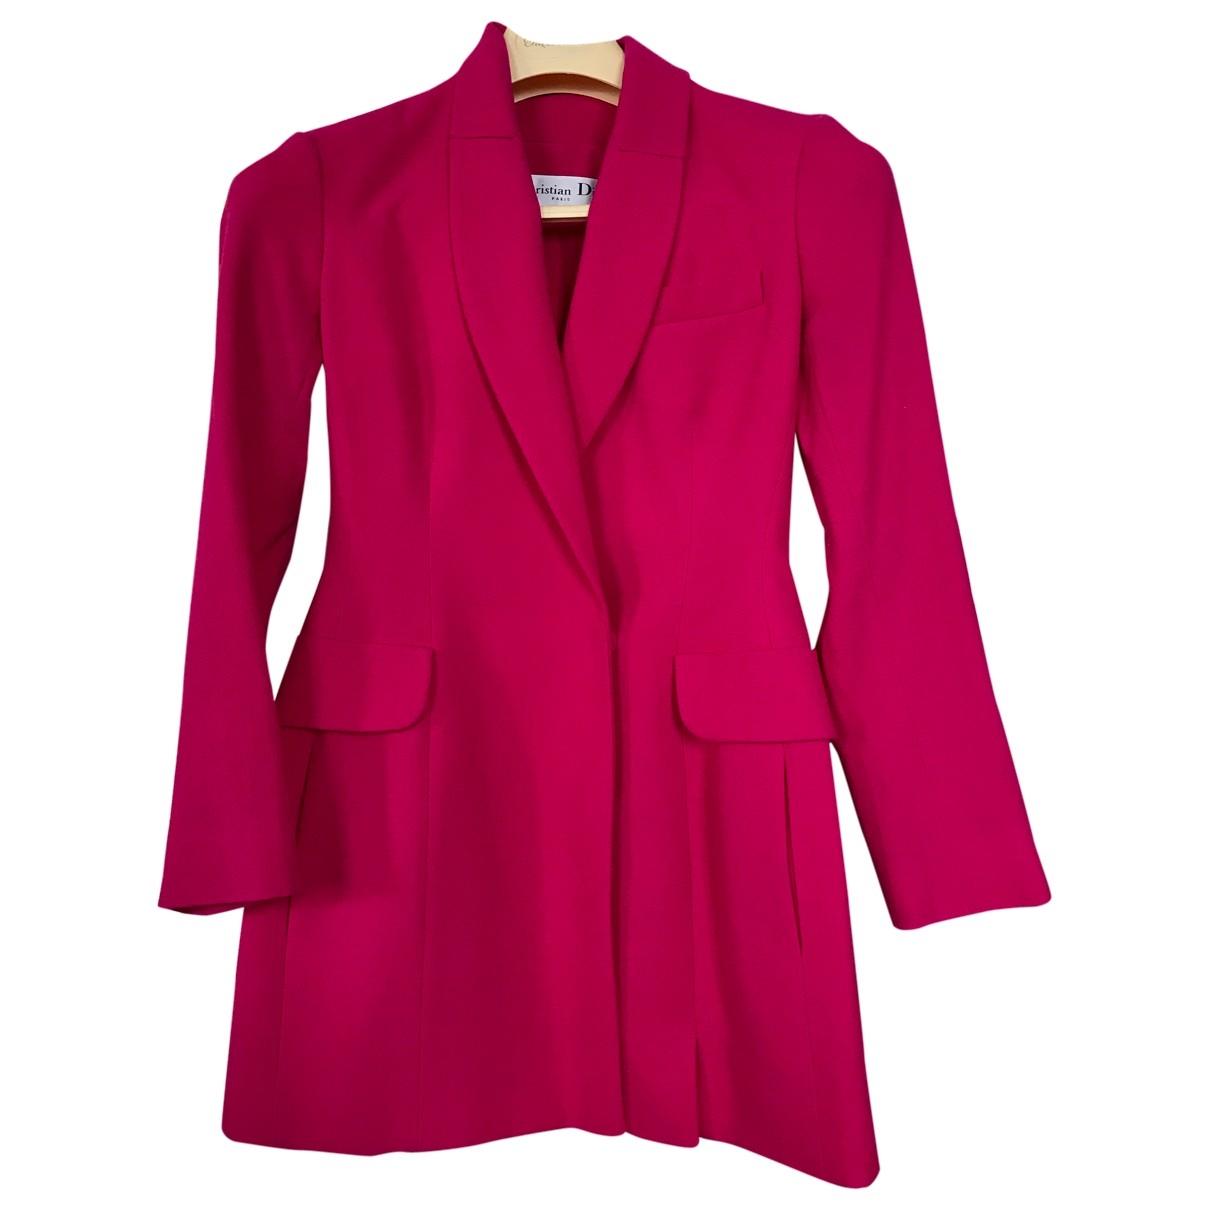 Dior - Manteau   pour femme en laine - rose